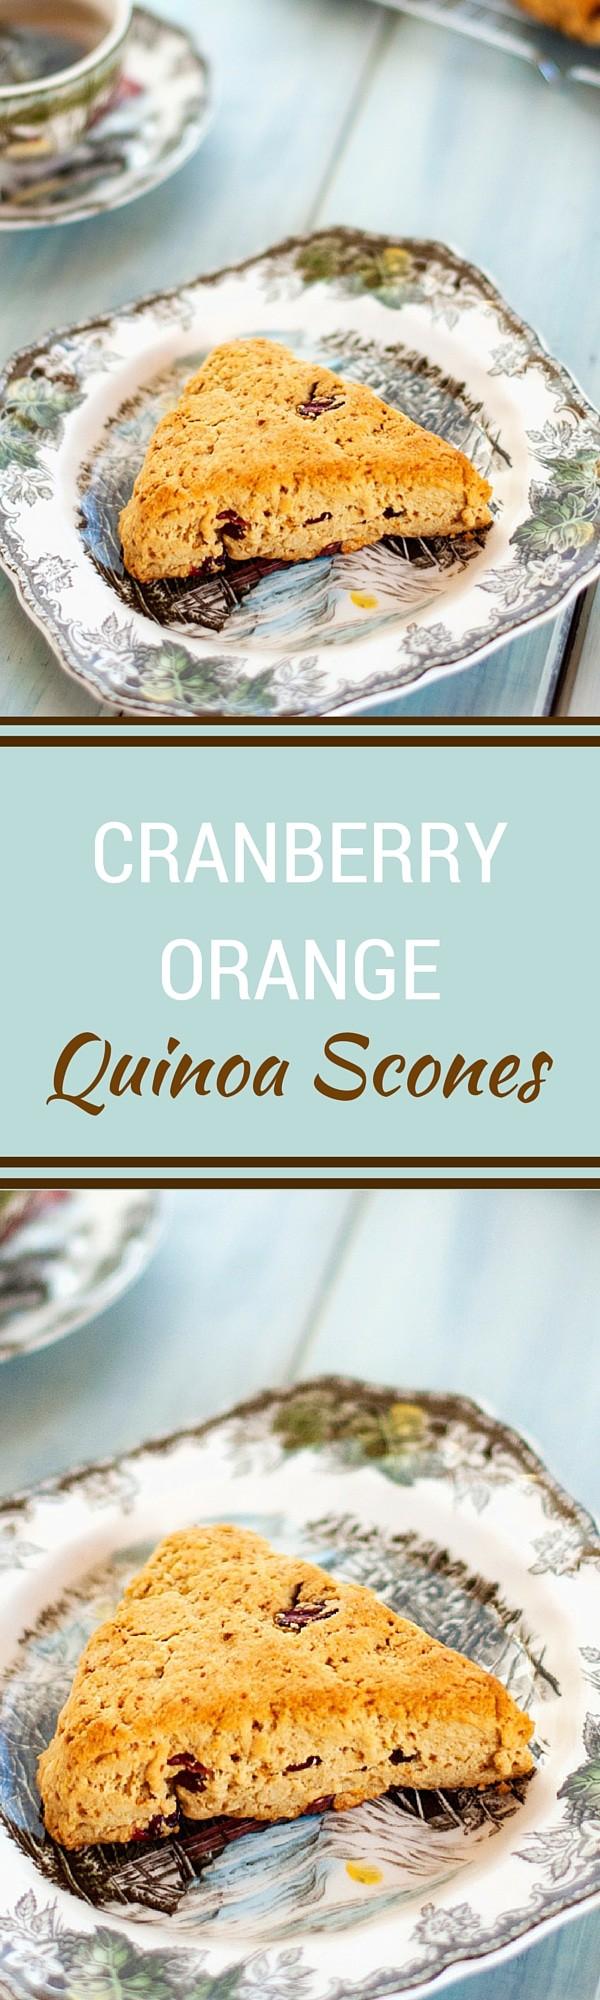 Cranberry Orange Quinoa Scones